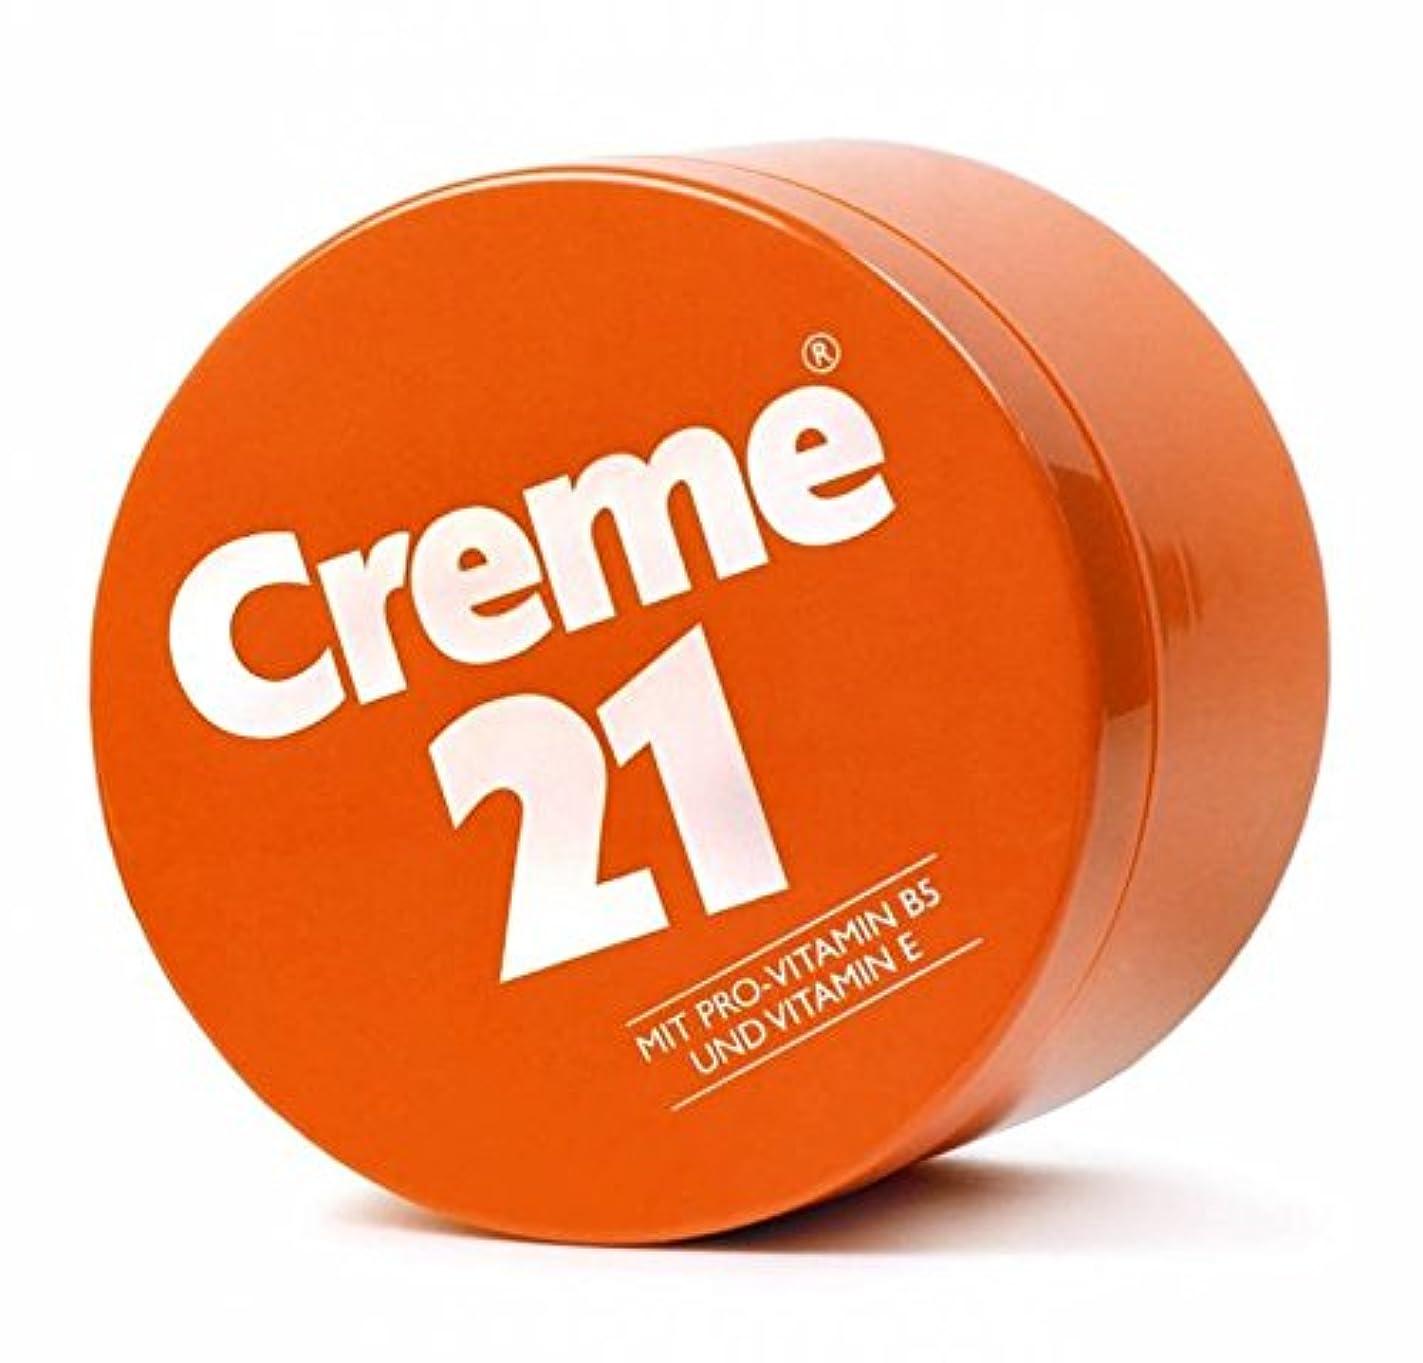 エンディングスーパーマーケットスプーンクリーム21 スキンケアクリーム 250ml 3個 [並行輸入品] [海外直送品]